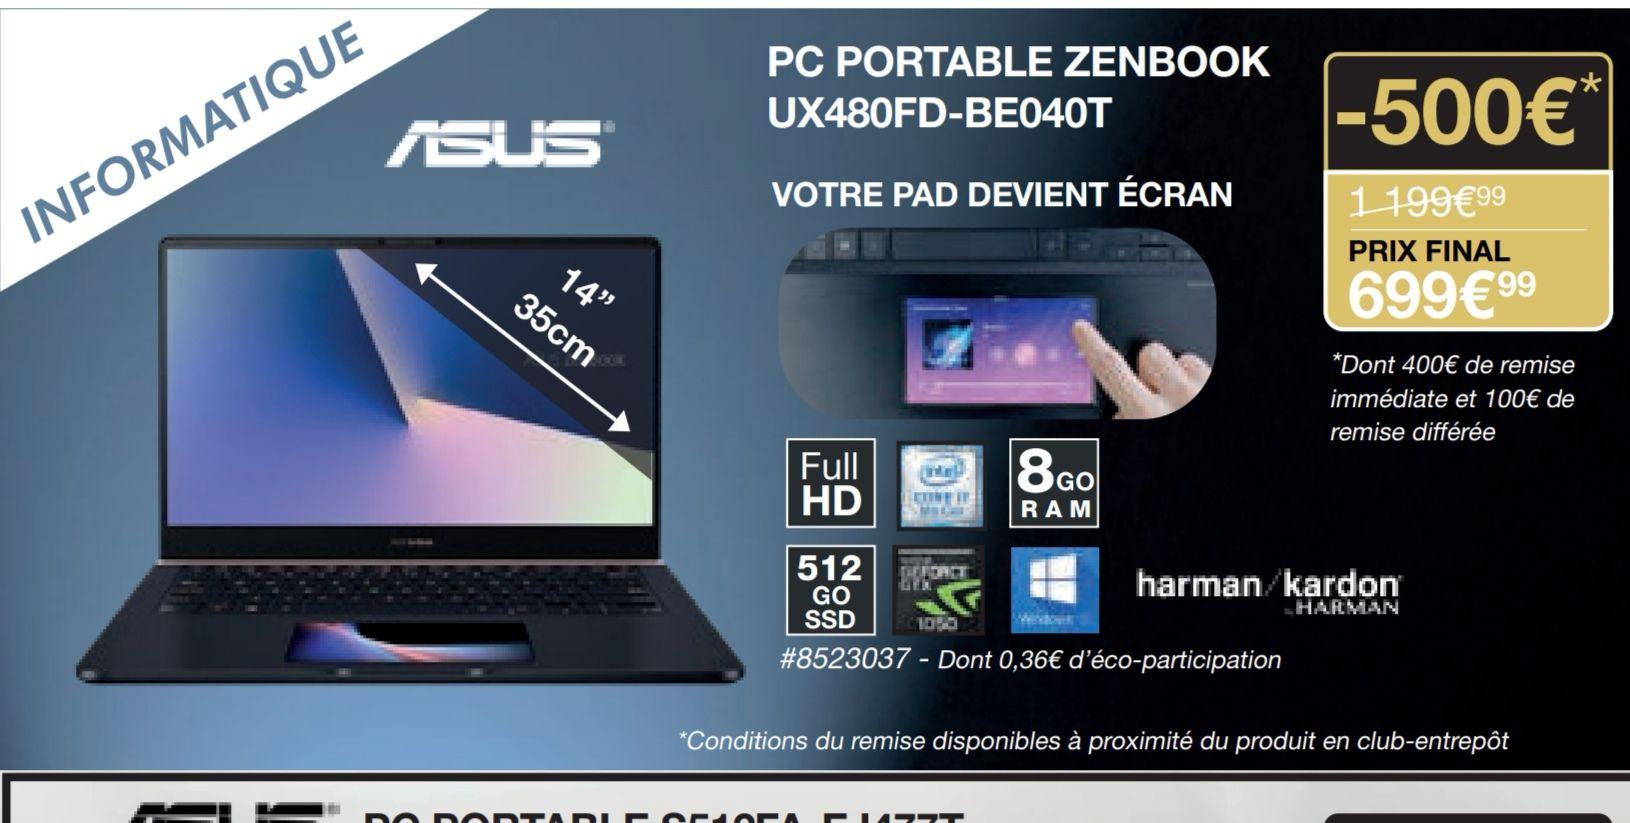 """[Carte Costco] PC Portable 14"""" Asus Zenbook UX480FD-BE040T (via ODR de 100€) - Villebon-sur-Yvette (91)"""